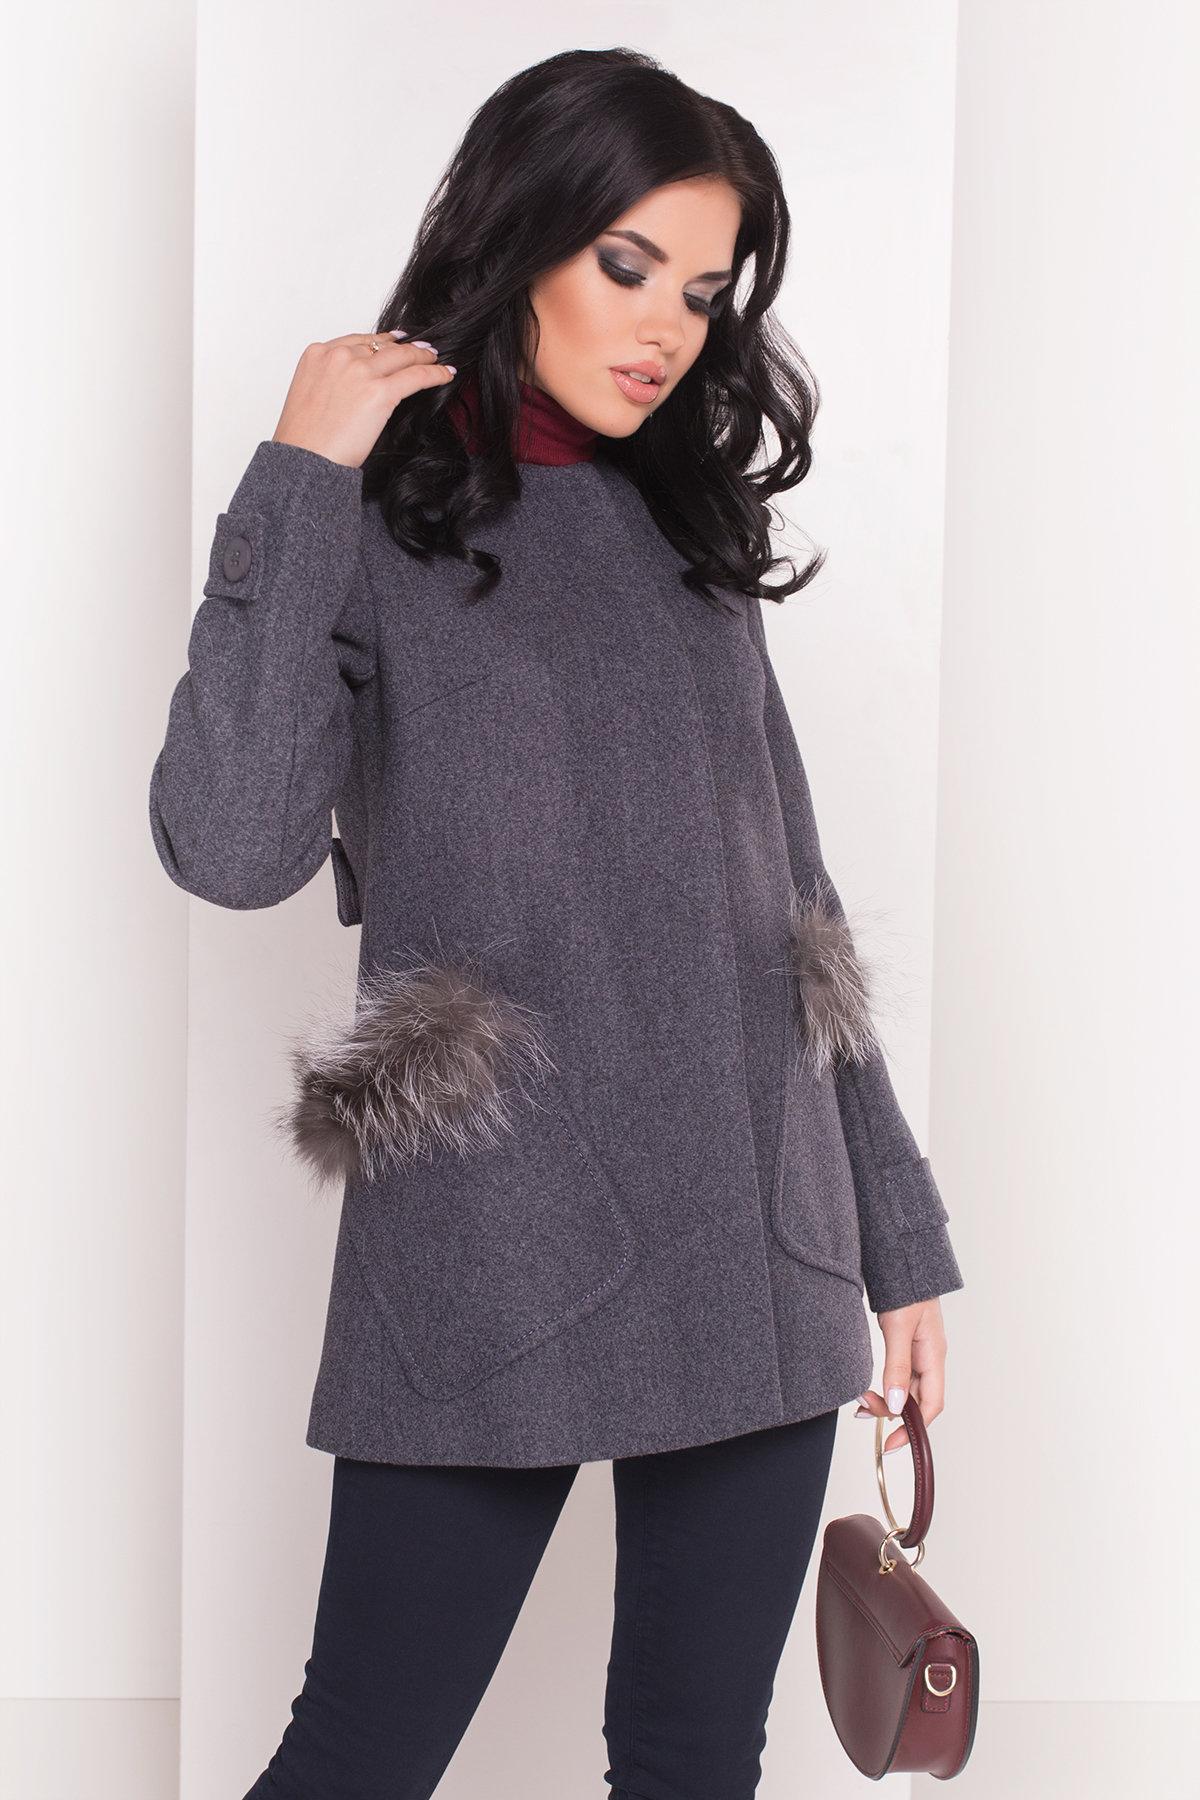 Пальто Латте 5365 Цвет: Серый/голубой 43